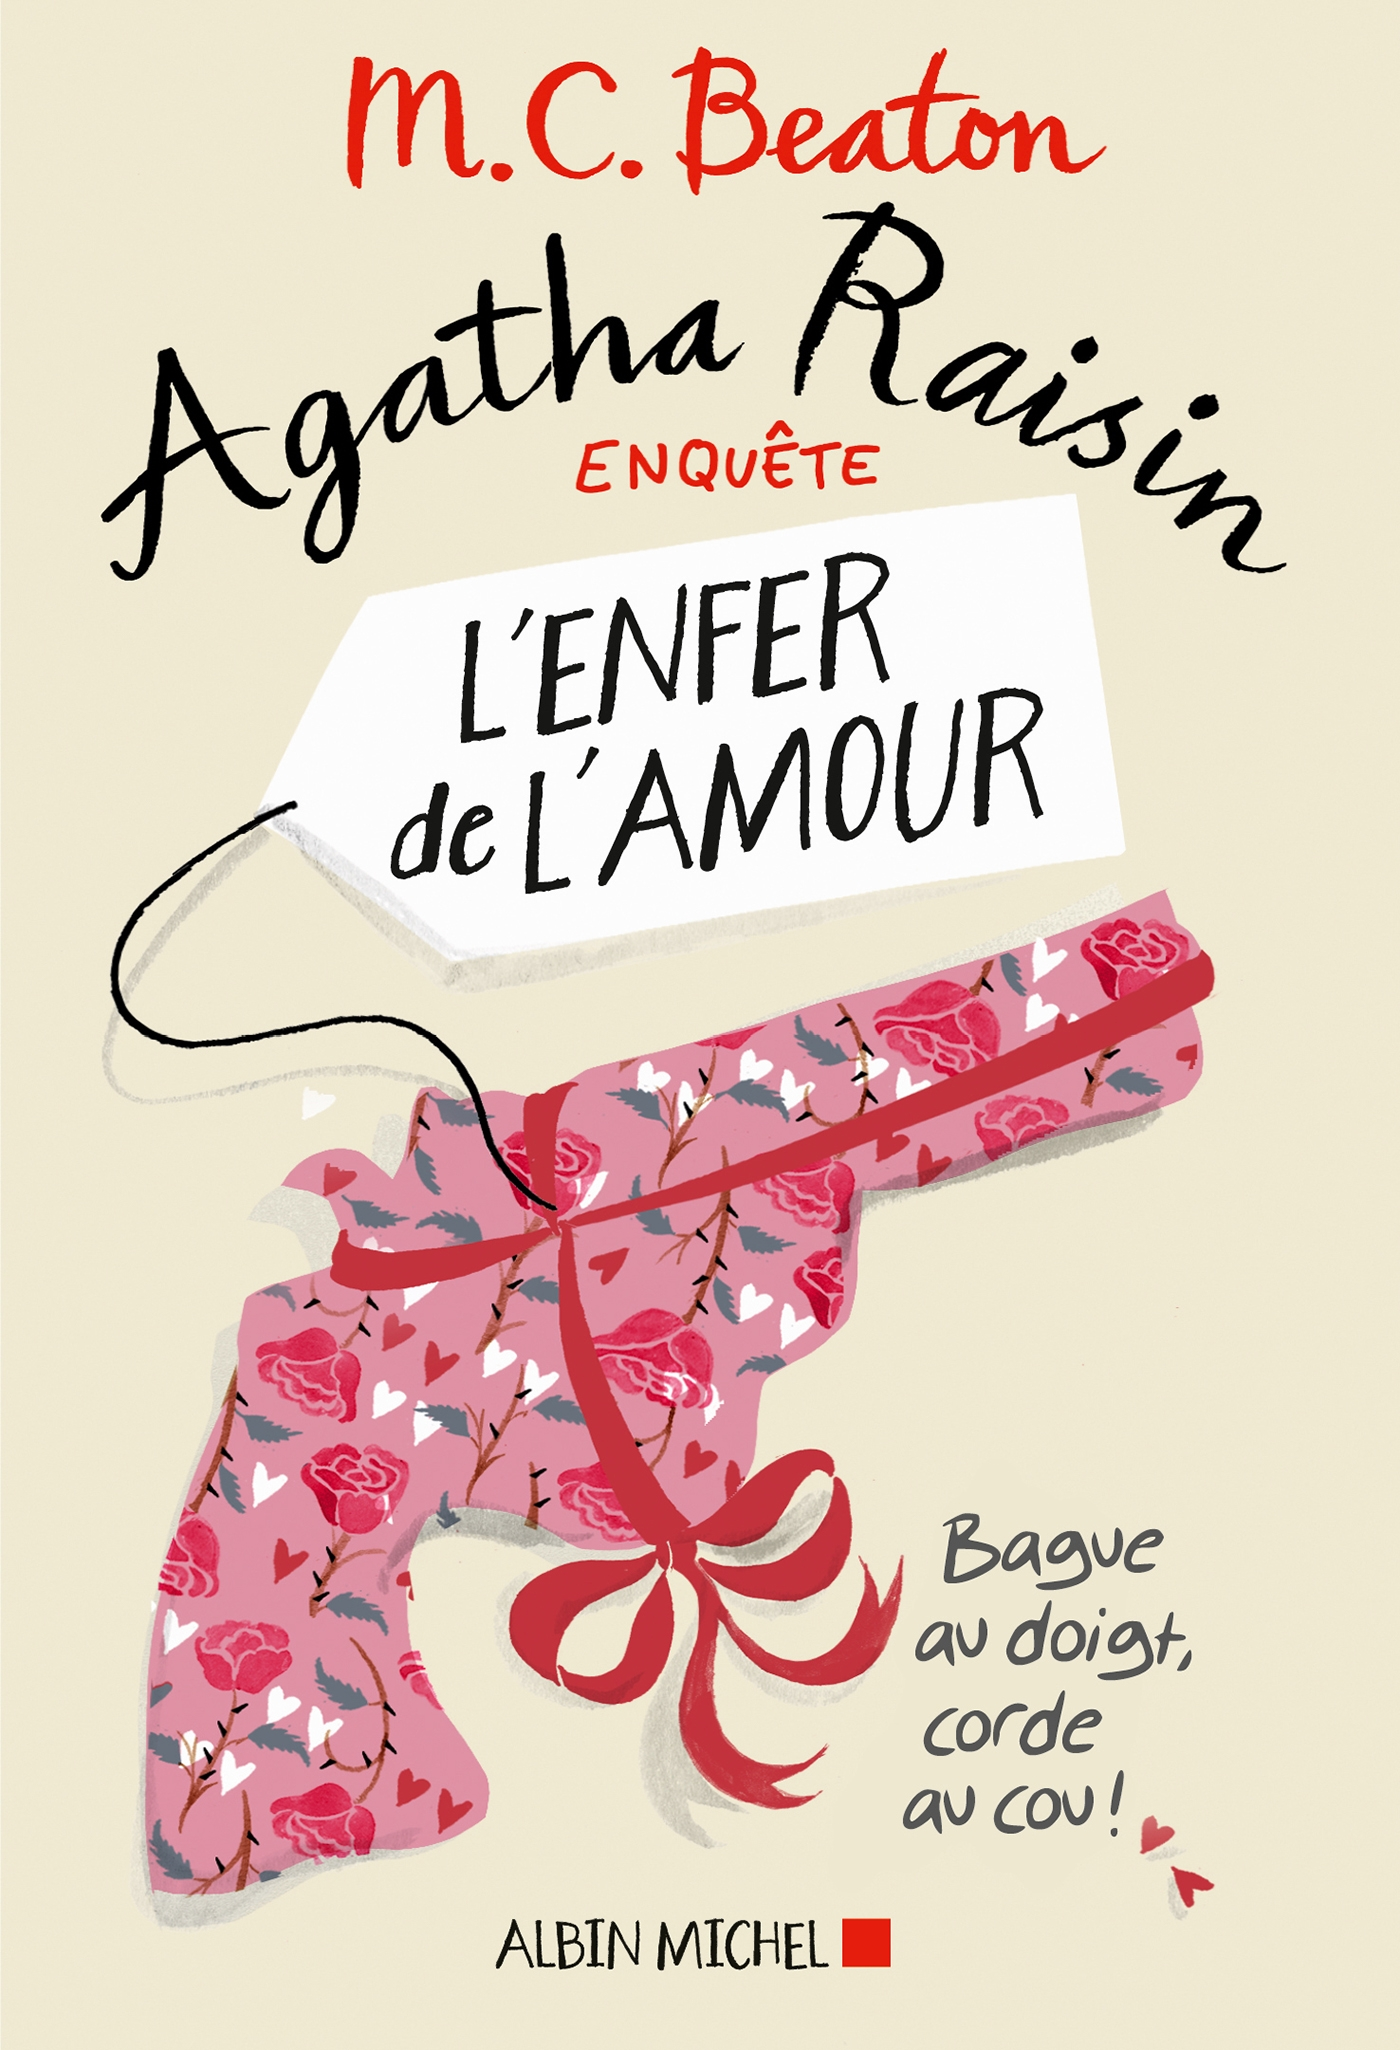 Agatha Raisin enquête 11 - L'enfer de l'amour | Beaton, M. C.. Auteur